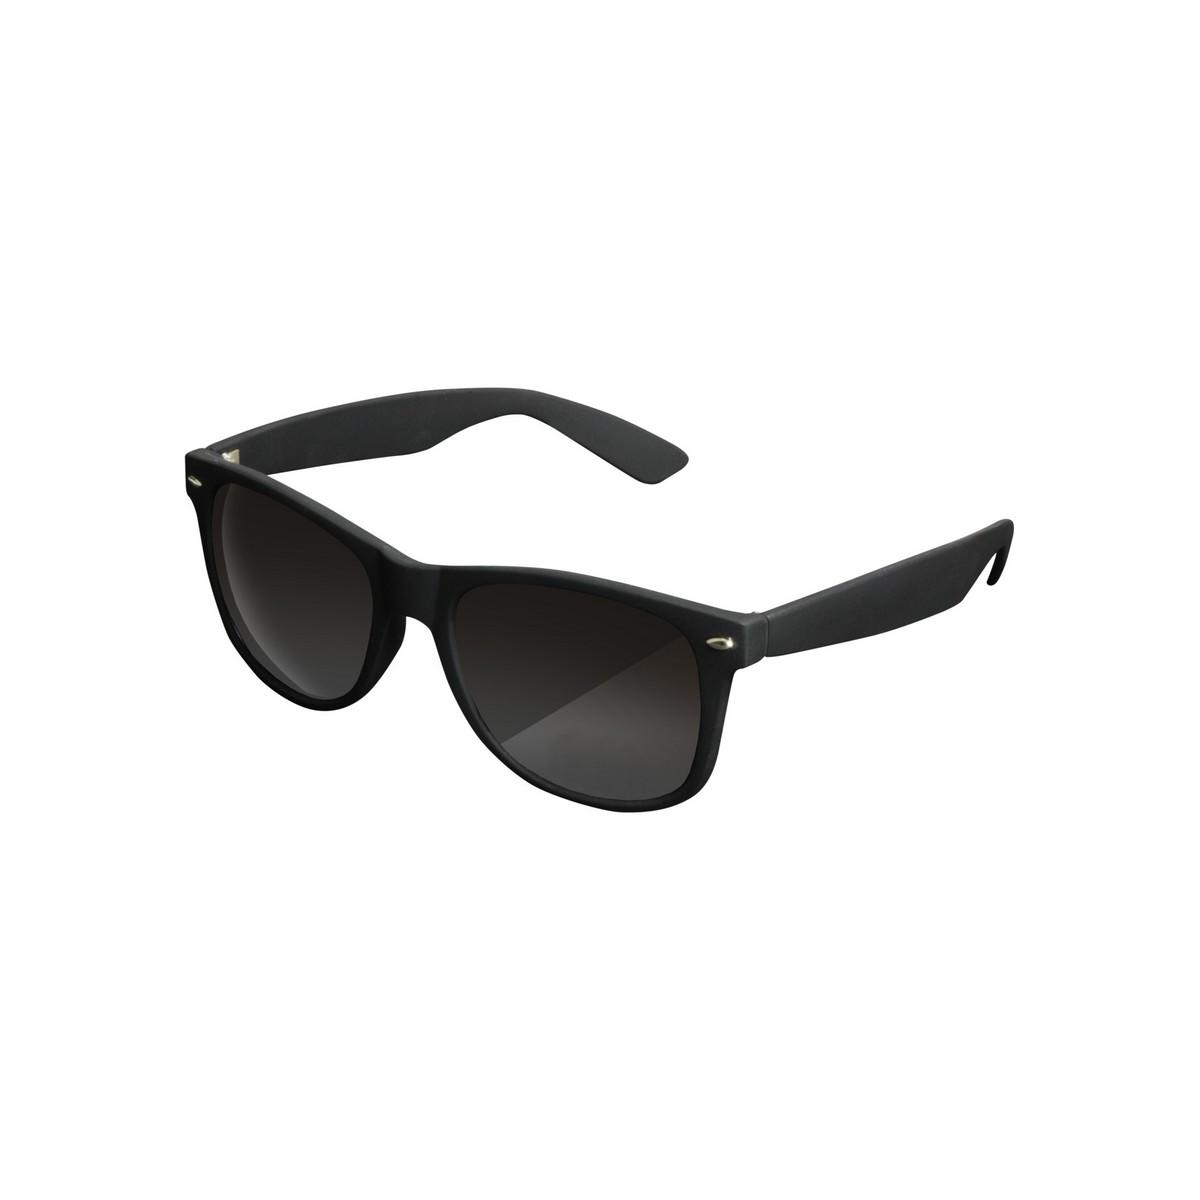 Masterdis Sonnenbrille LIKOMA 10308 Neonpink azu2OQu